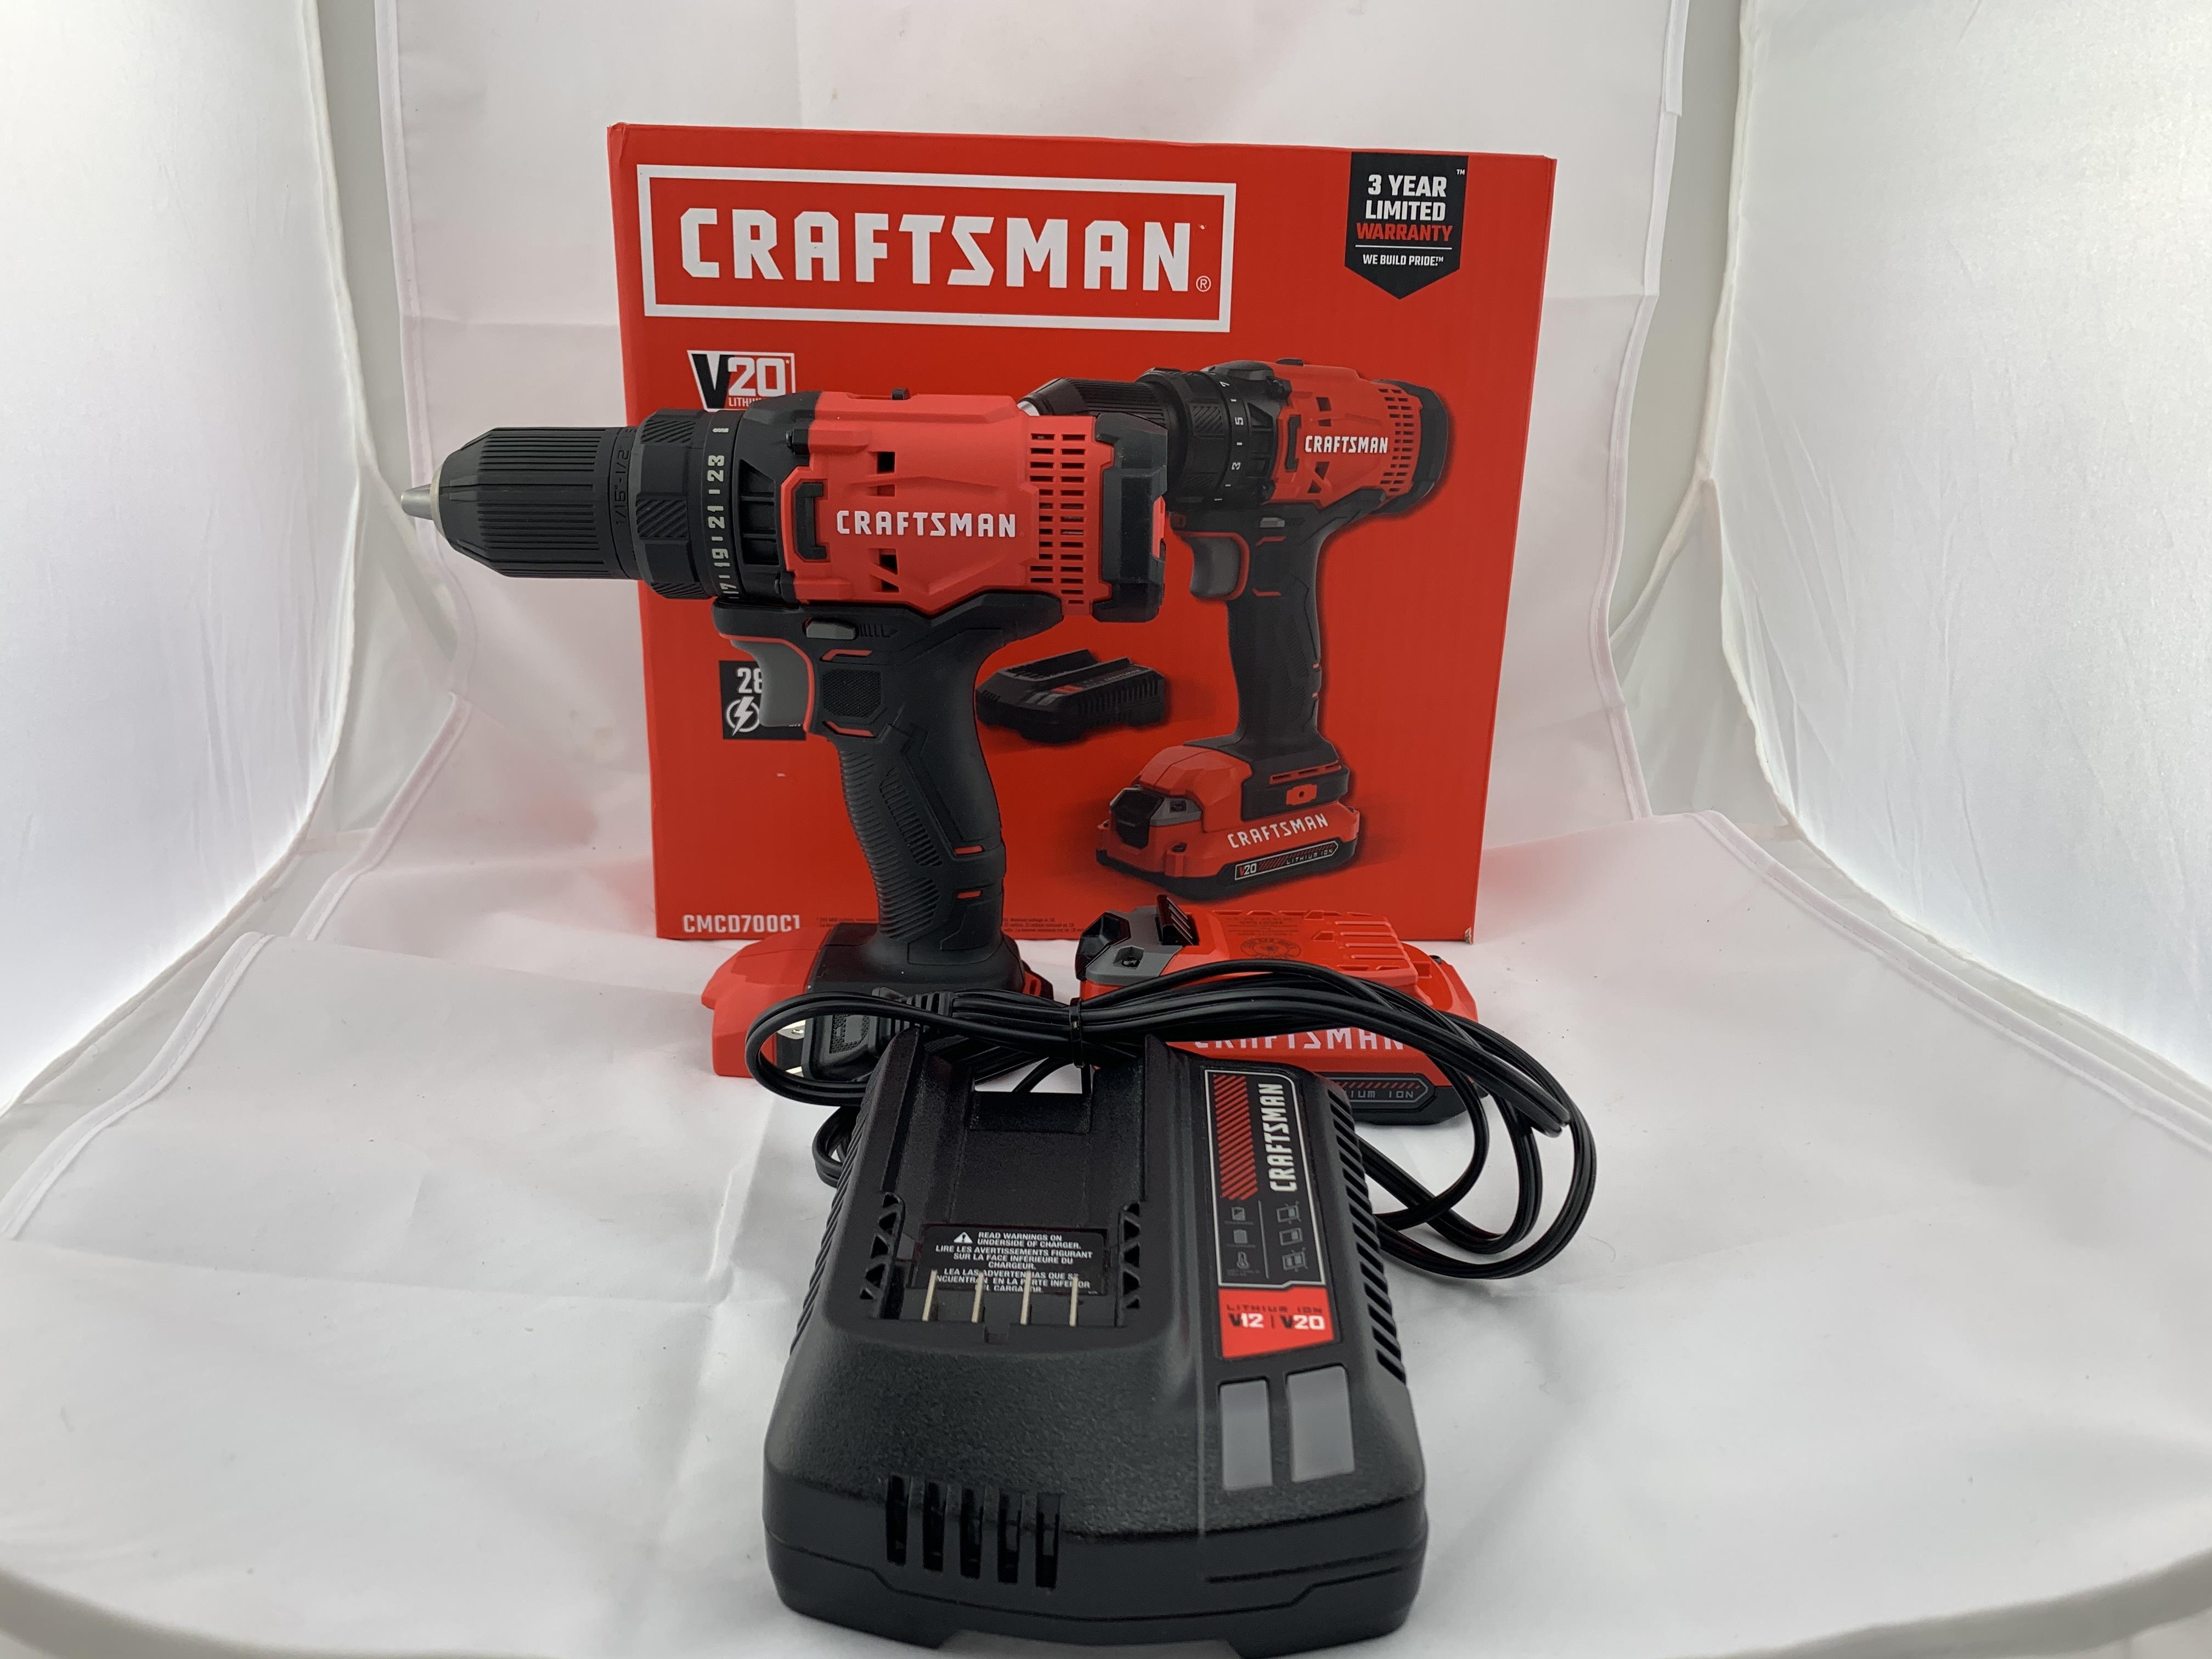 Craftsman CMCD700 20V 1/2